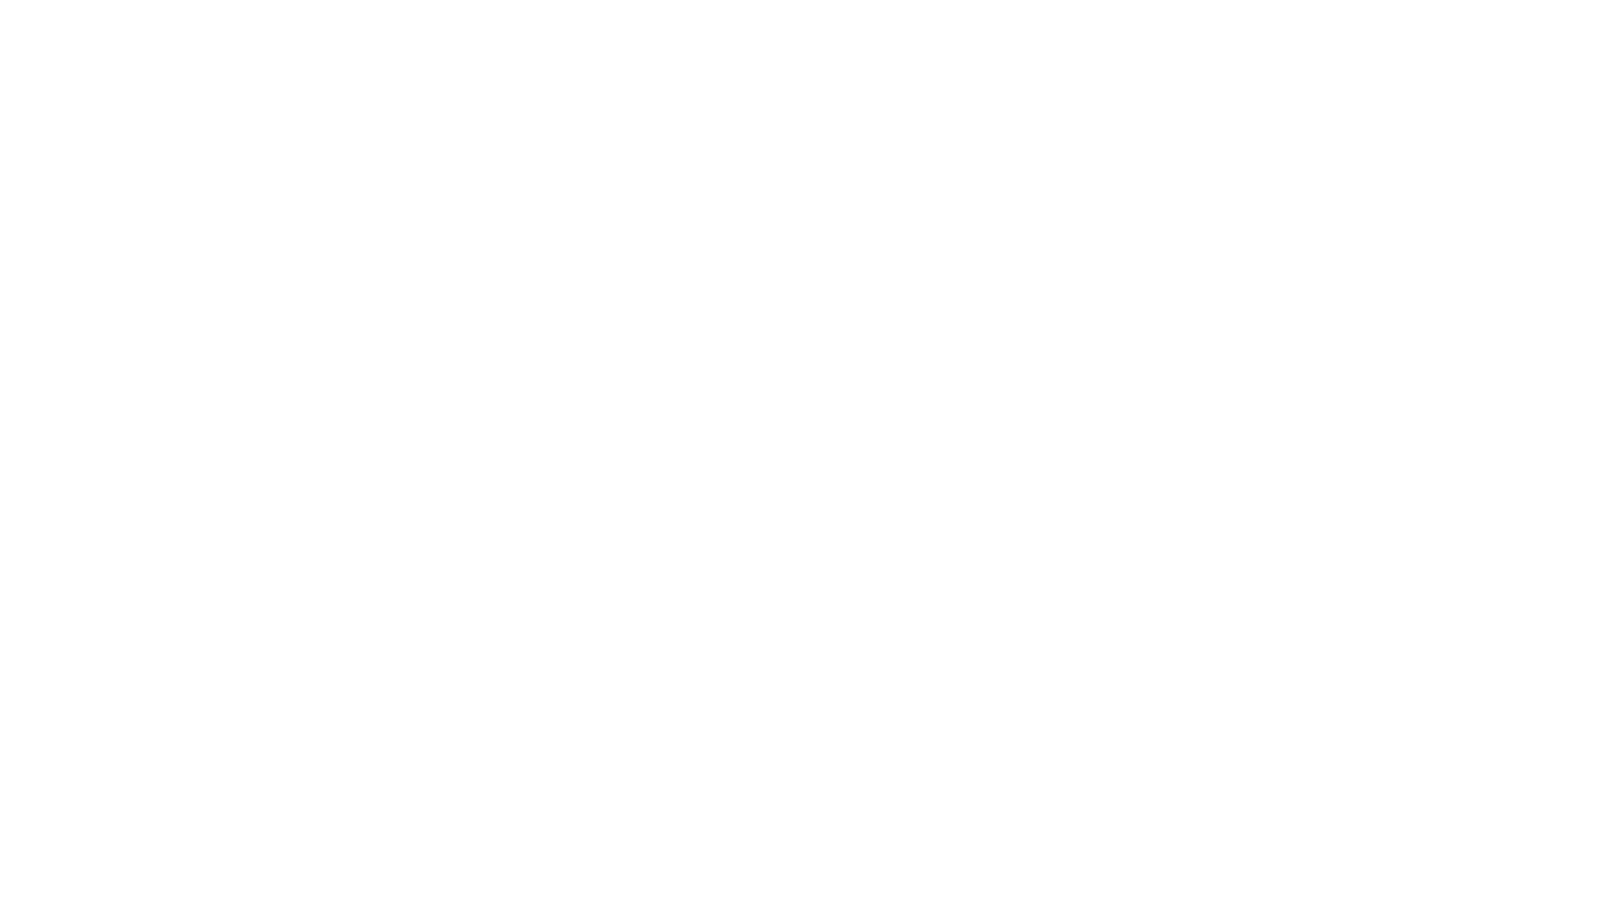 מחרוזת יום ירושלים   יש הרבה דברים שאני אוהבת בירושלים רובם בתל אביב תייגו ירושלמים וירושלמיות עם סנדלים ושיהיה חג ירושלים שמח  להופעות ומוצרים: https://www.revitelzon.com/  לעוד צחוקים הכנסו ל: רביטל בפייסבוק: https://www.facebook.com/revitalvitelzonjacobs רביטל באינסטגרם: https://www.instagram.com/revitalvitelzonjacobs/ רביטל בטיקטוק: https://www.tiktok.com/@revitalvitelzonja